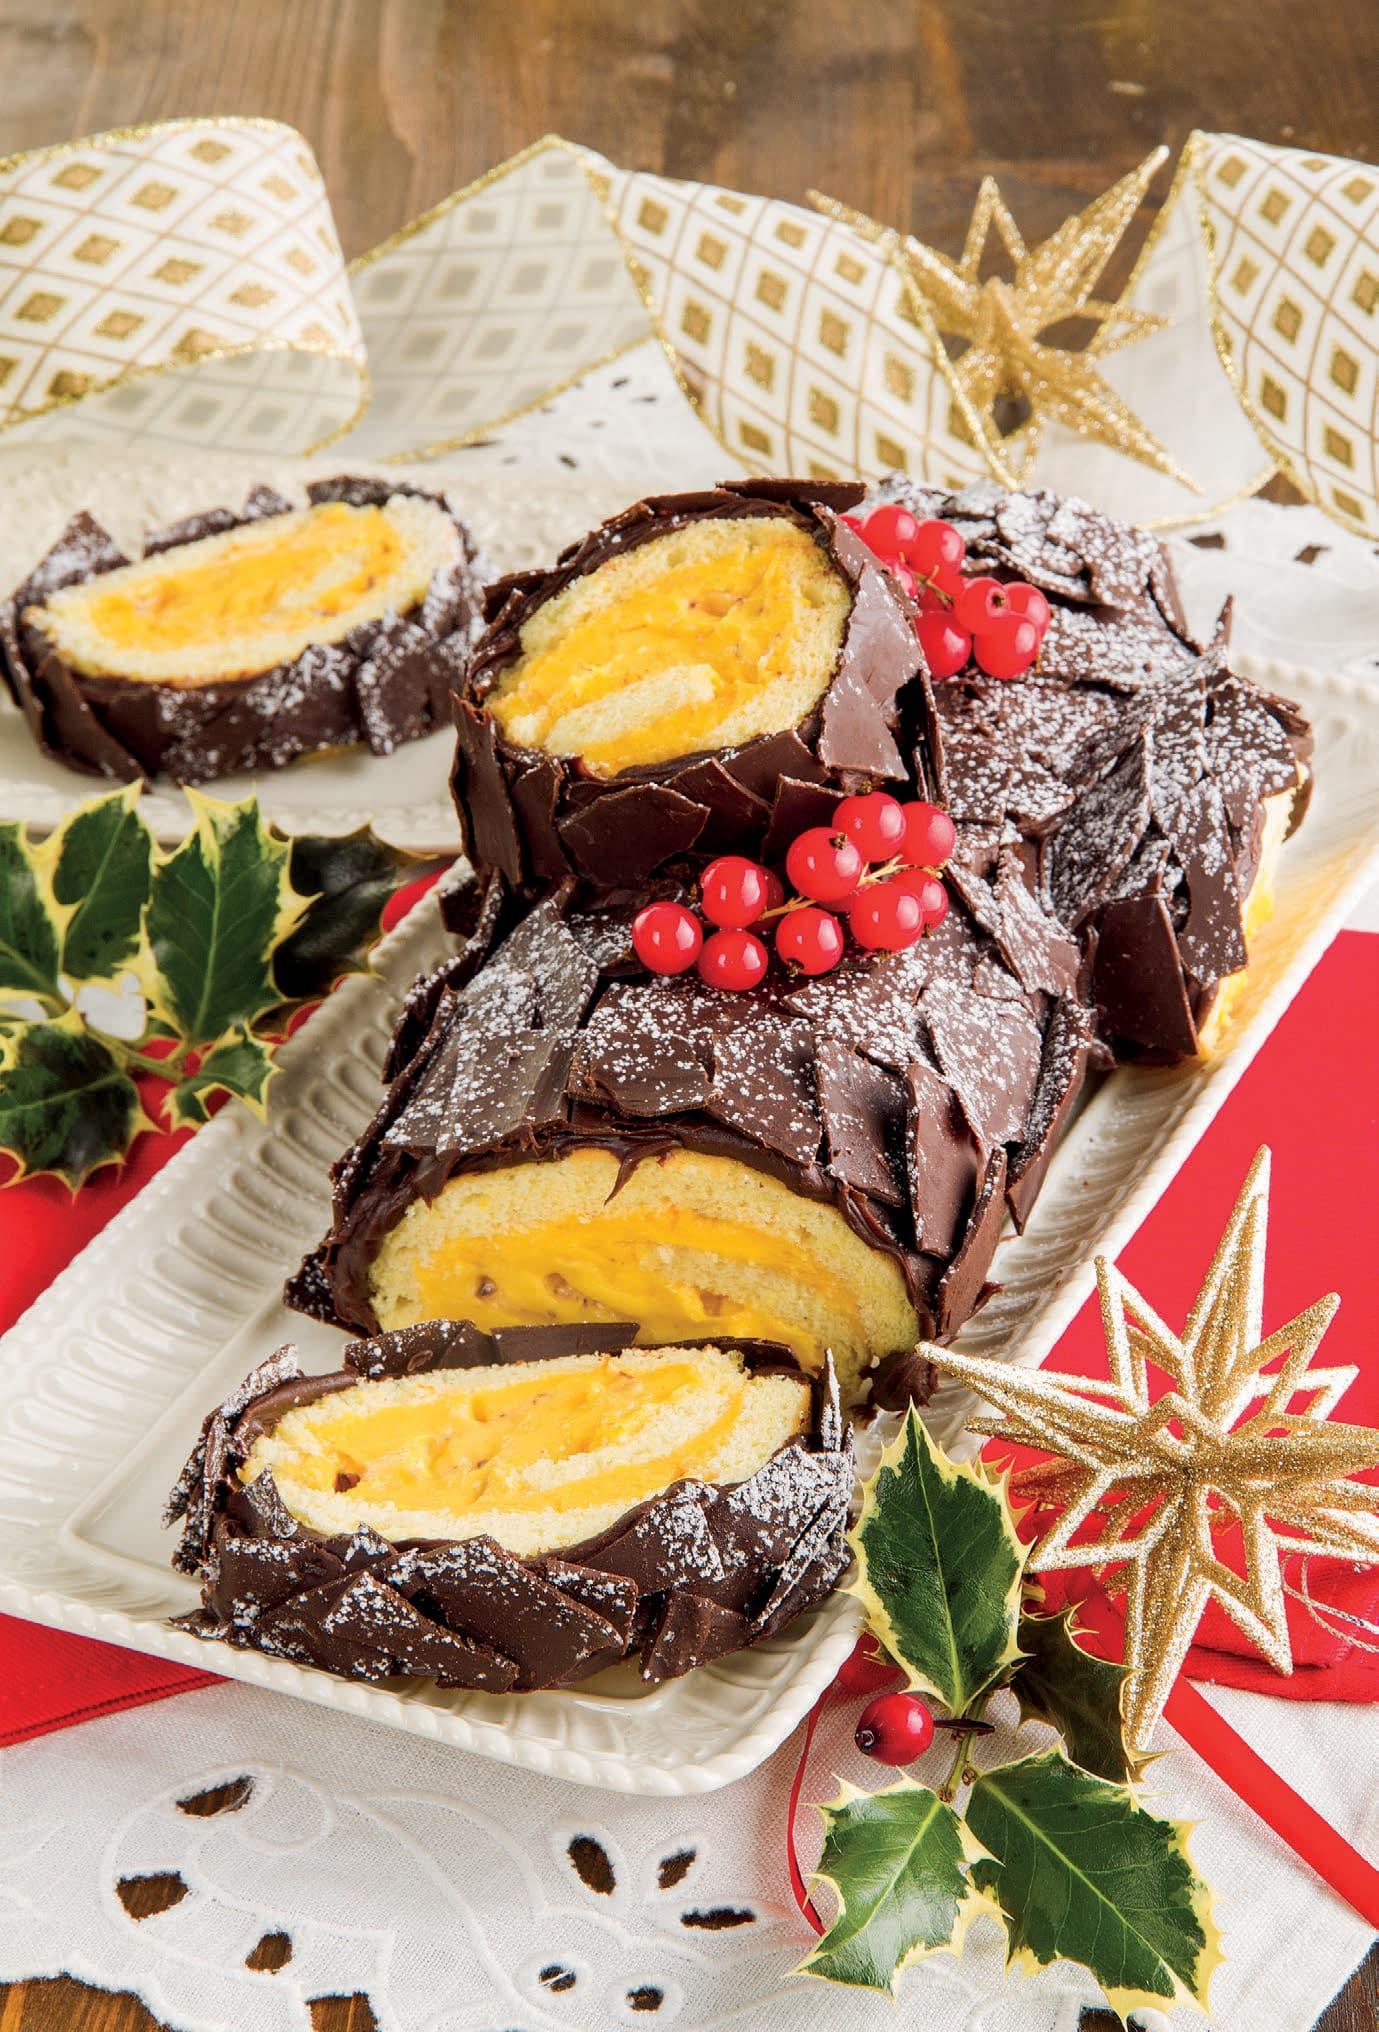 Ricetta Tronchetto Di Natale Per 10 Persone.Tronchetto Di Natale Con Crema Di Torrone E Cioccolato Croccante